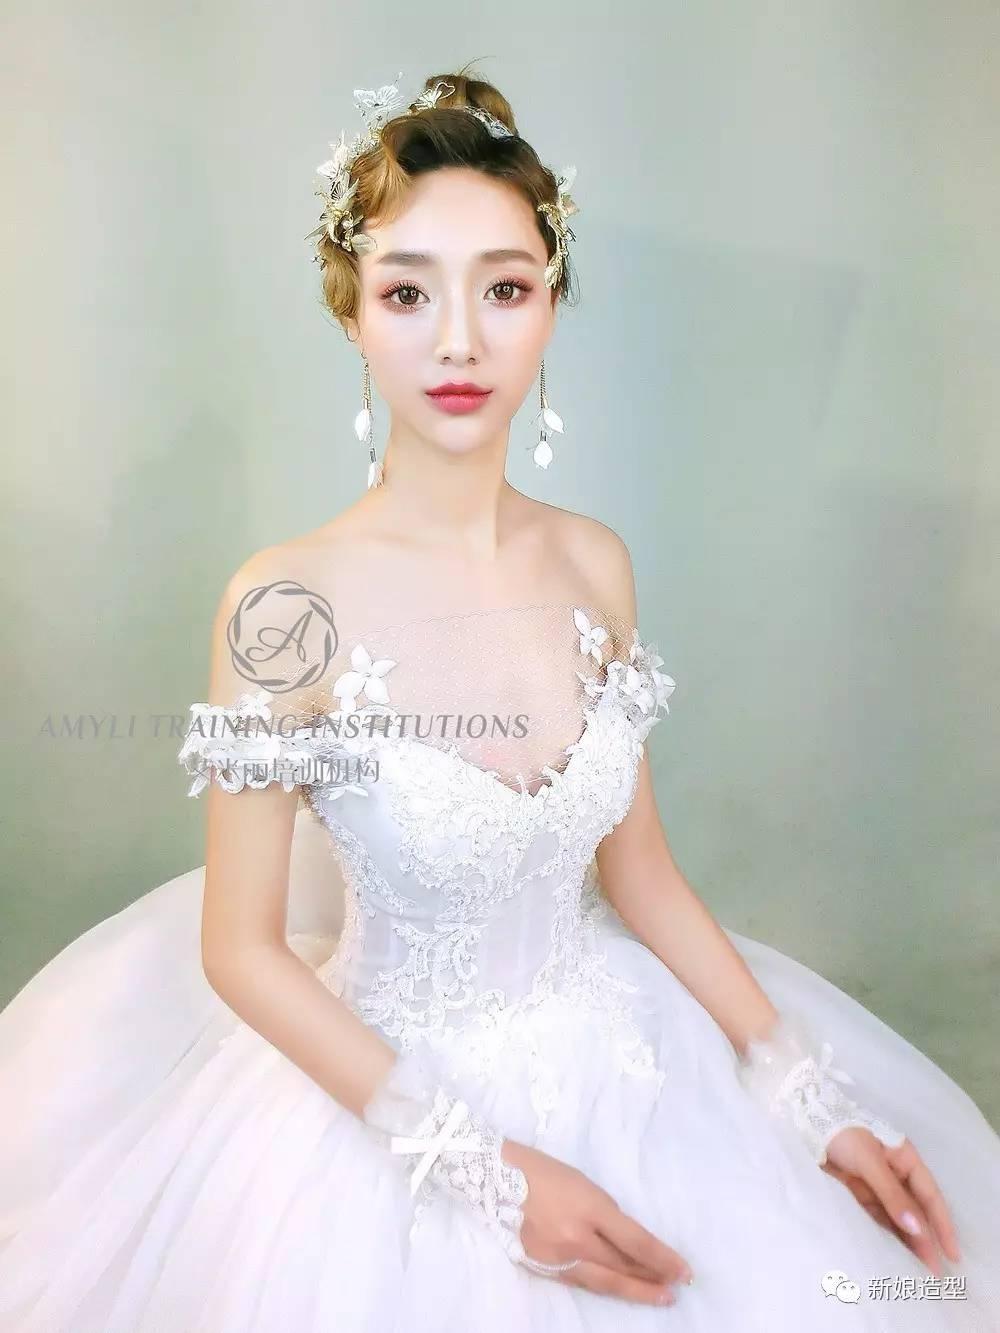 5月时尚新娘造型高清大片,美极了!图片